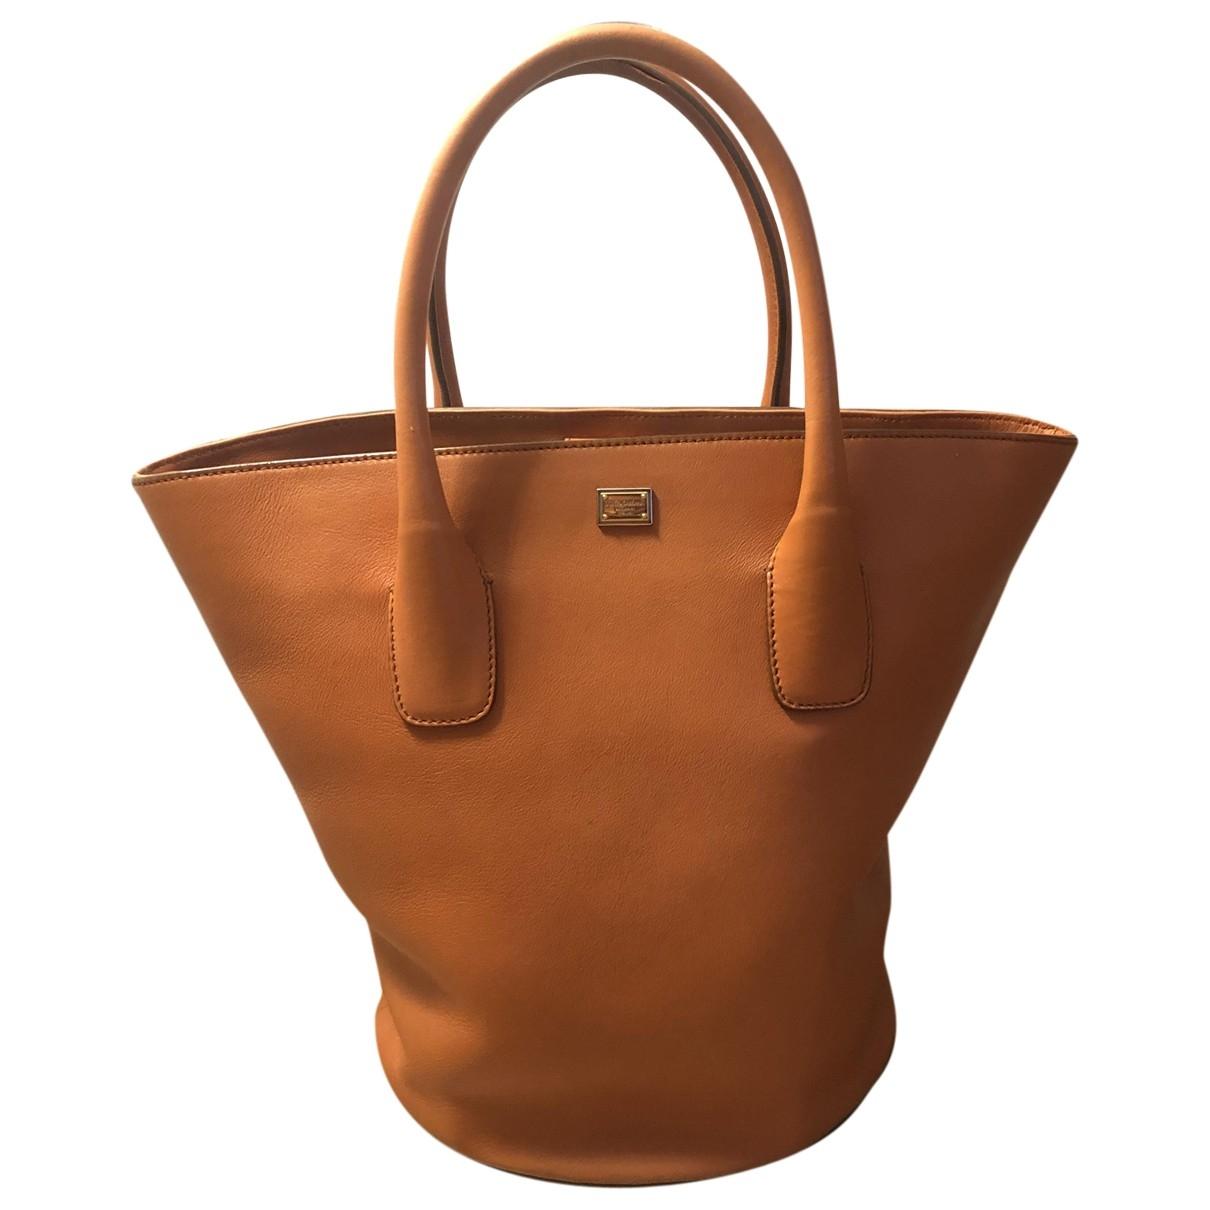 Dolce & Gabbana - Sac a main   pour femme en cuir - orange